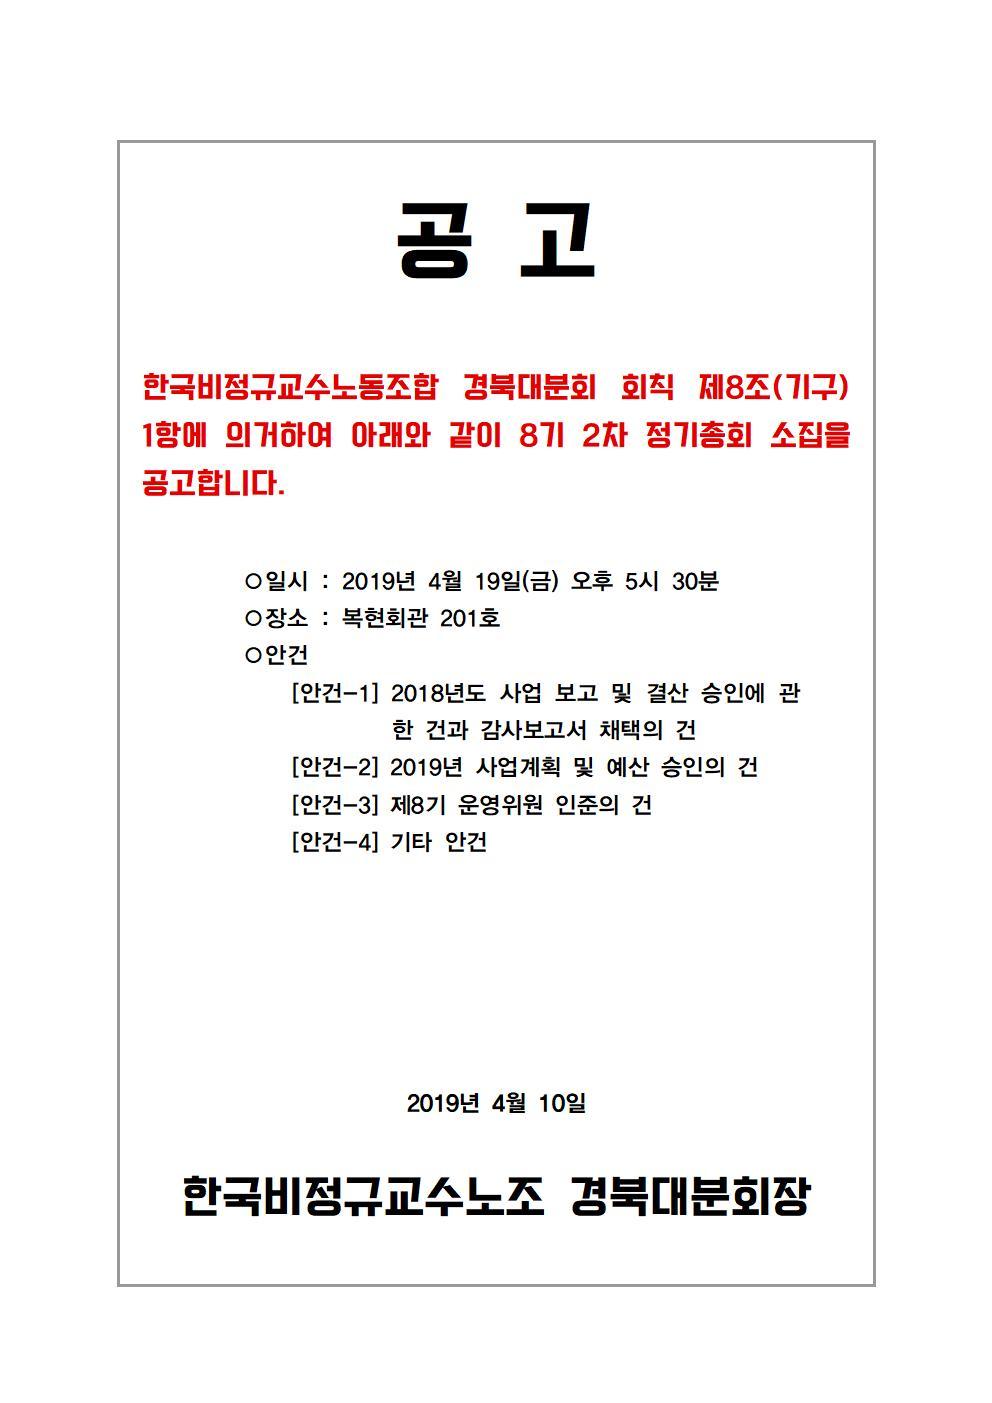 총회 안내문001.jpg